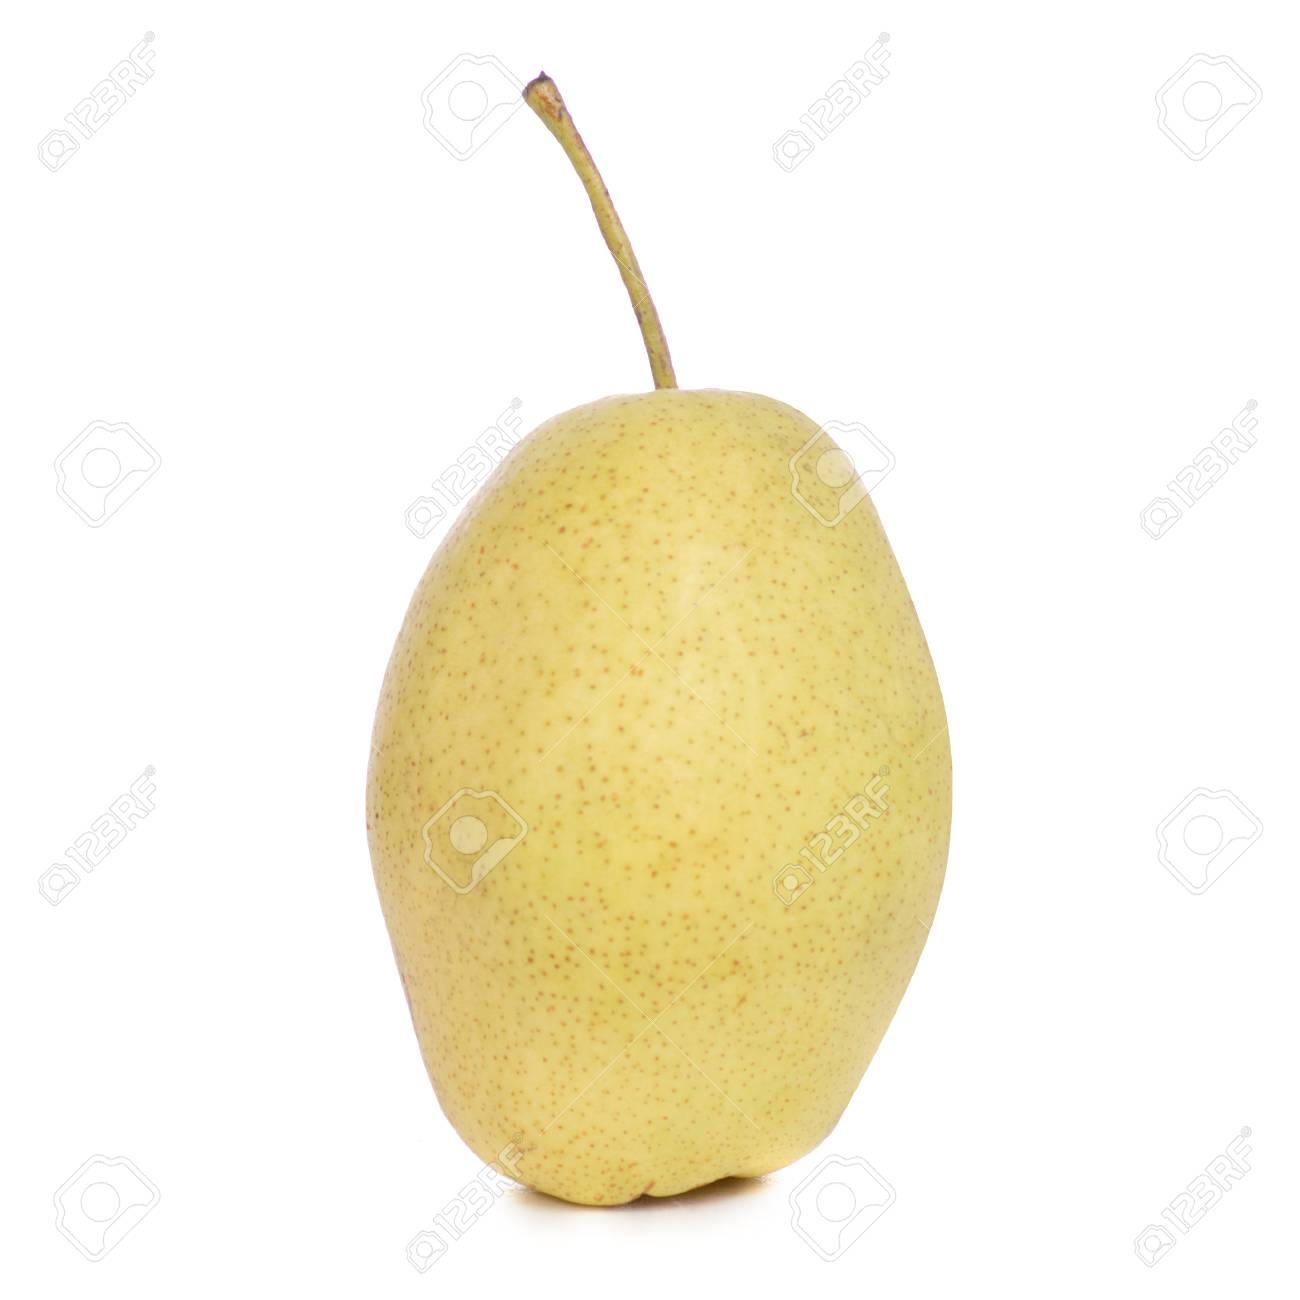 Fruit Hybrid Apple Pear On White Background Isolation Stock Photo